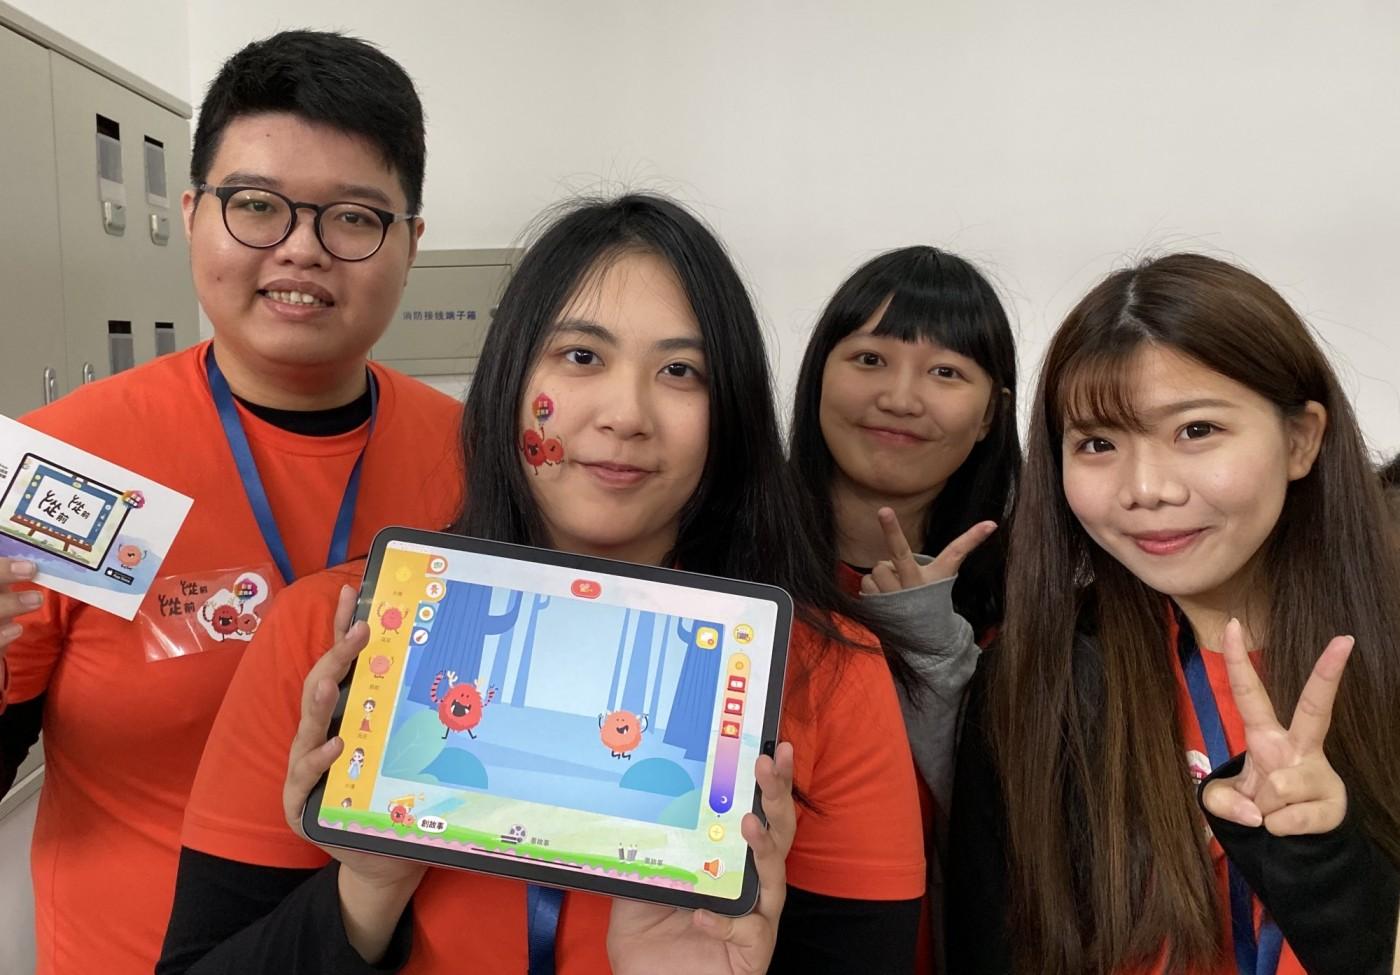 打敗千組團隊、奪蘋果APP大賽一等獎!北教大超冷門「玩具設計系」4碩士生的開發心路